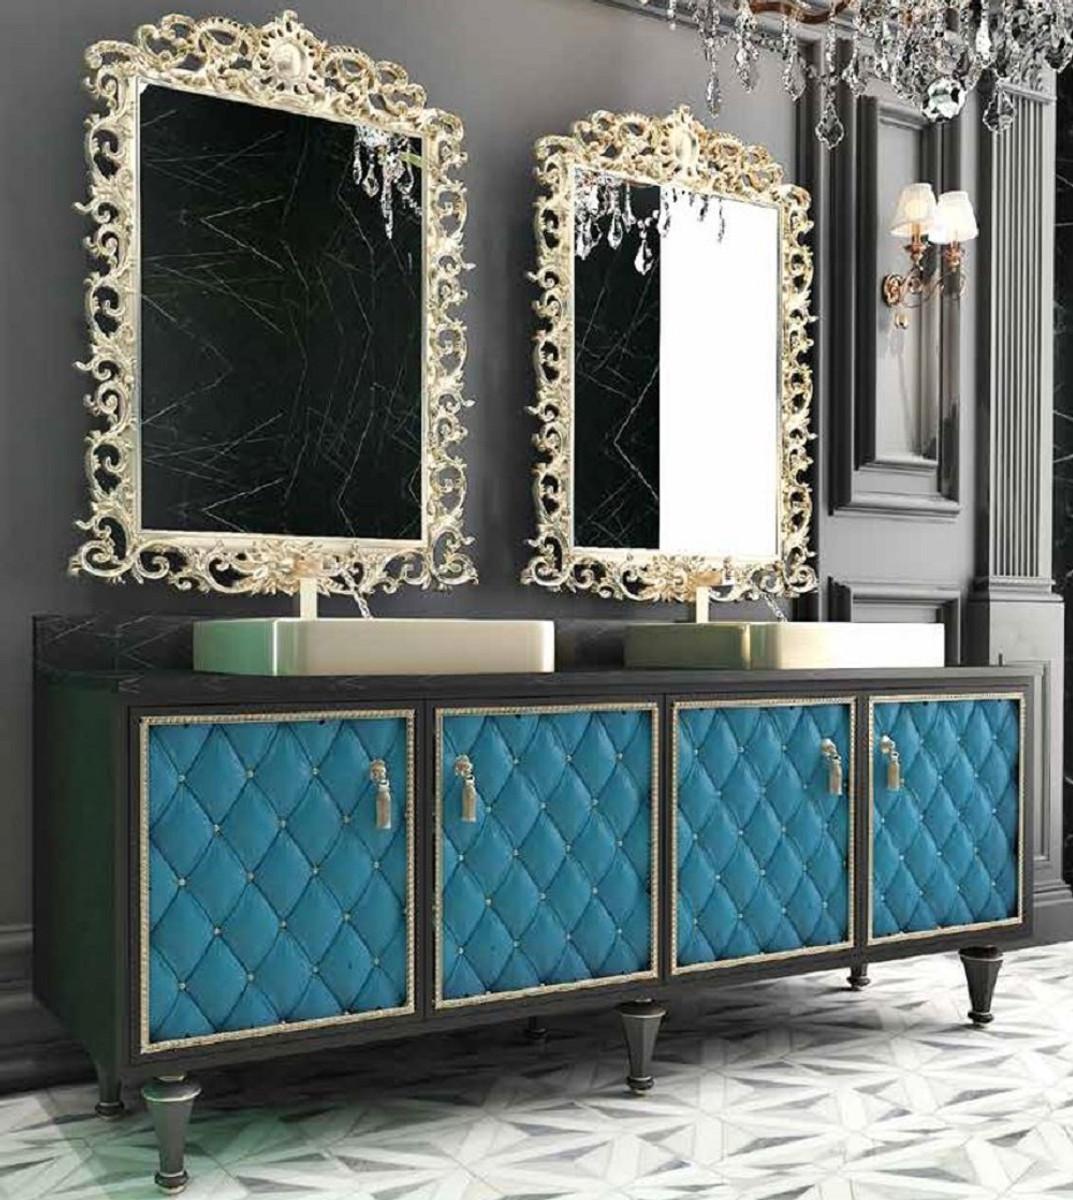 Casa Padrino Luxus Barock Badezimmer Set Schwarz / Blau / Gold - 1112  Waschtisch mit 1112 Türen und 112 Waschbecken und 112 Wandspiegel - Prunkvolle